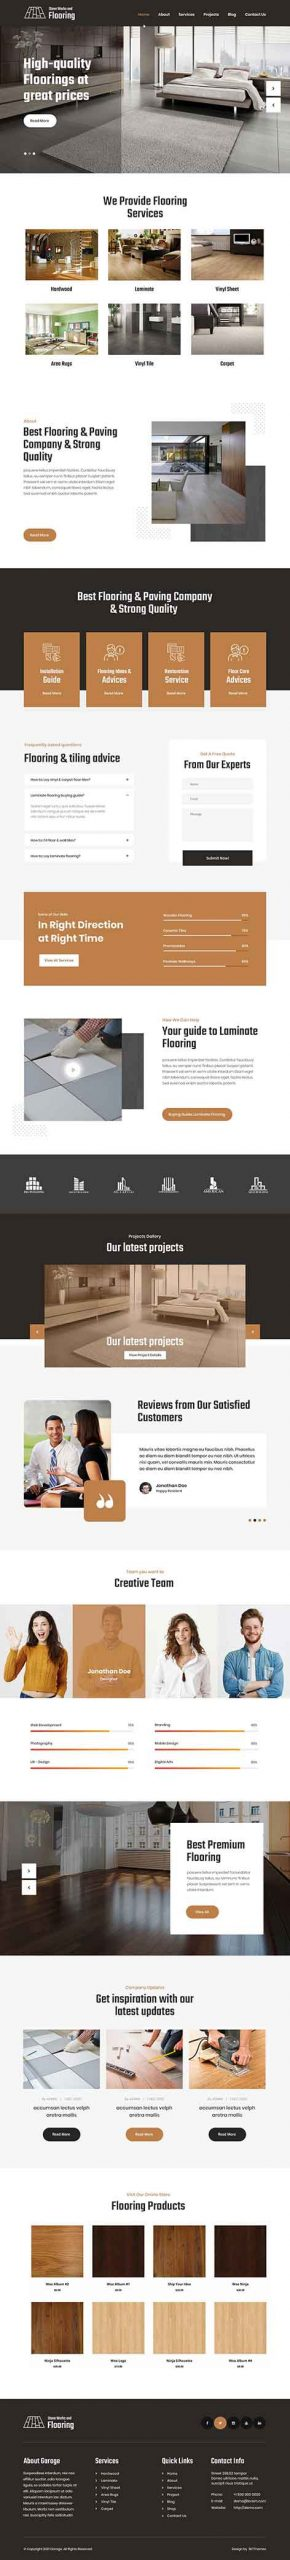 paving tiling WordPress theme